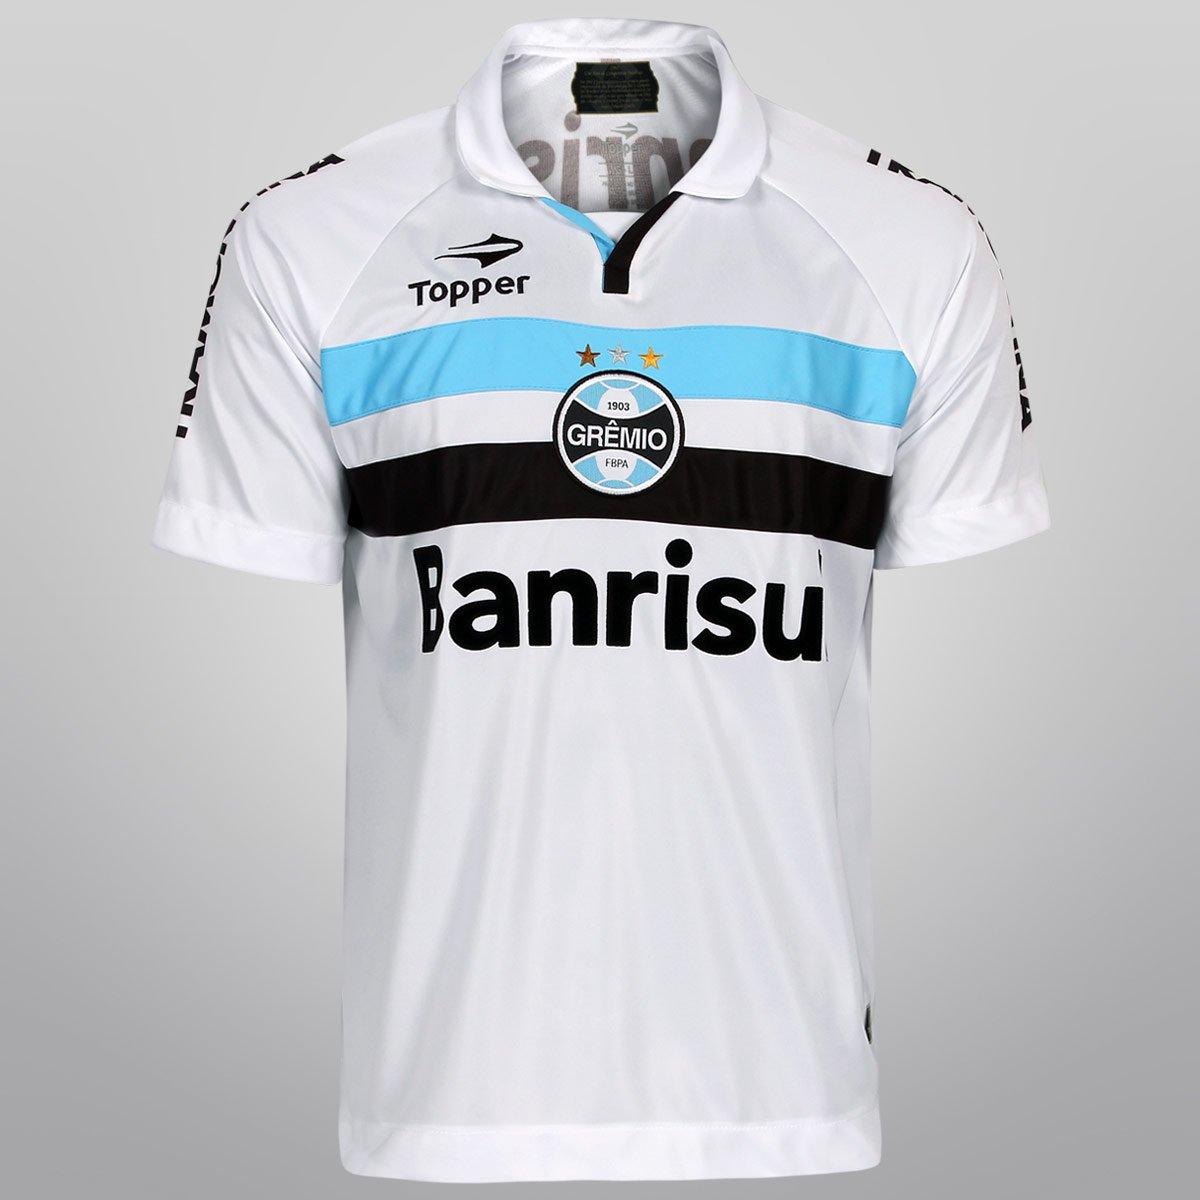 Camisa Topper Grêmio II 12 13 s nº - Compre Agora  3cf9beccb52af